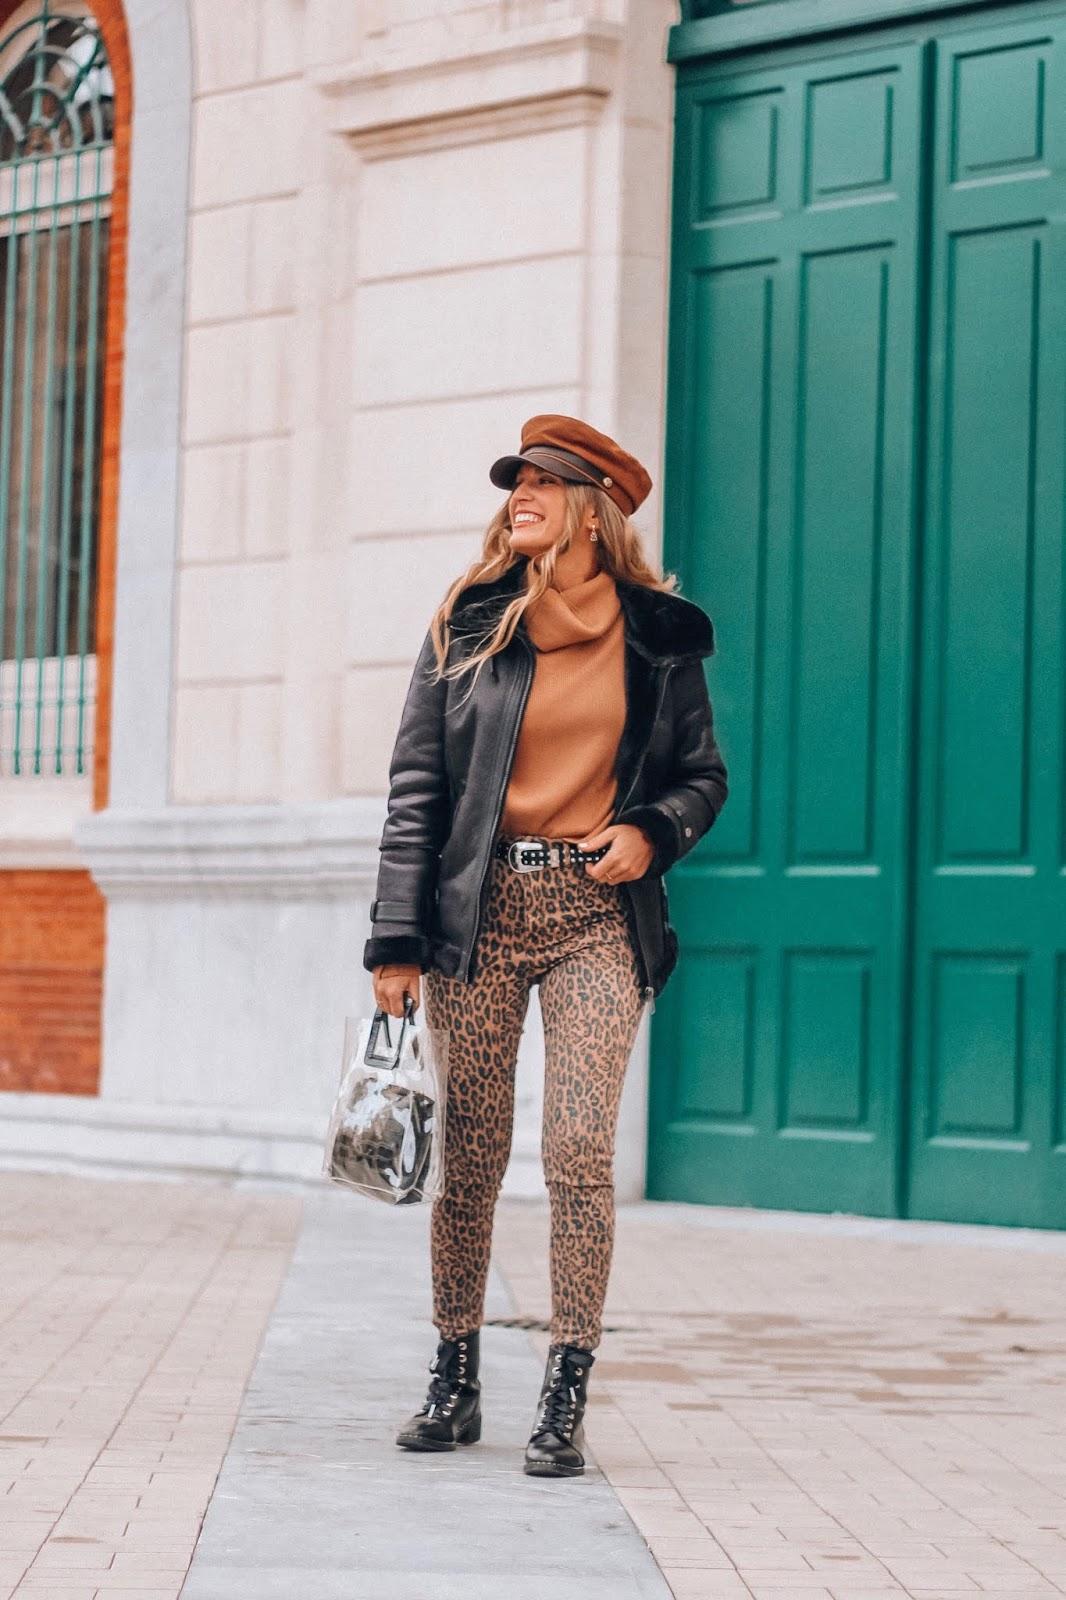 como combinar pantalón leopardo 2019